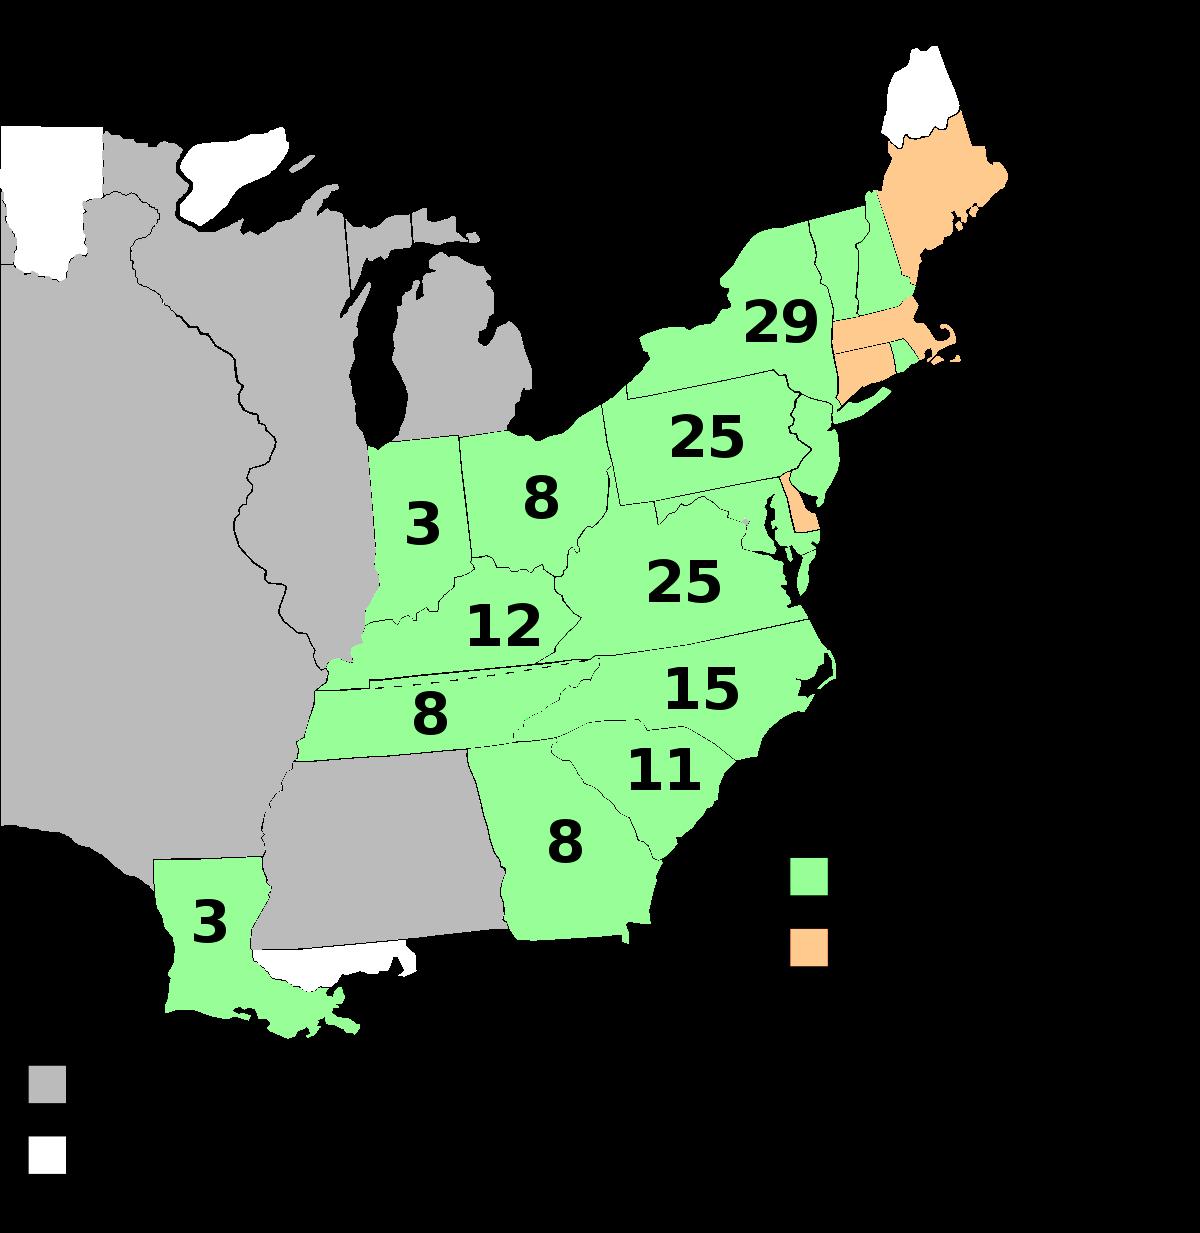 09.24.1816 electoral